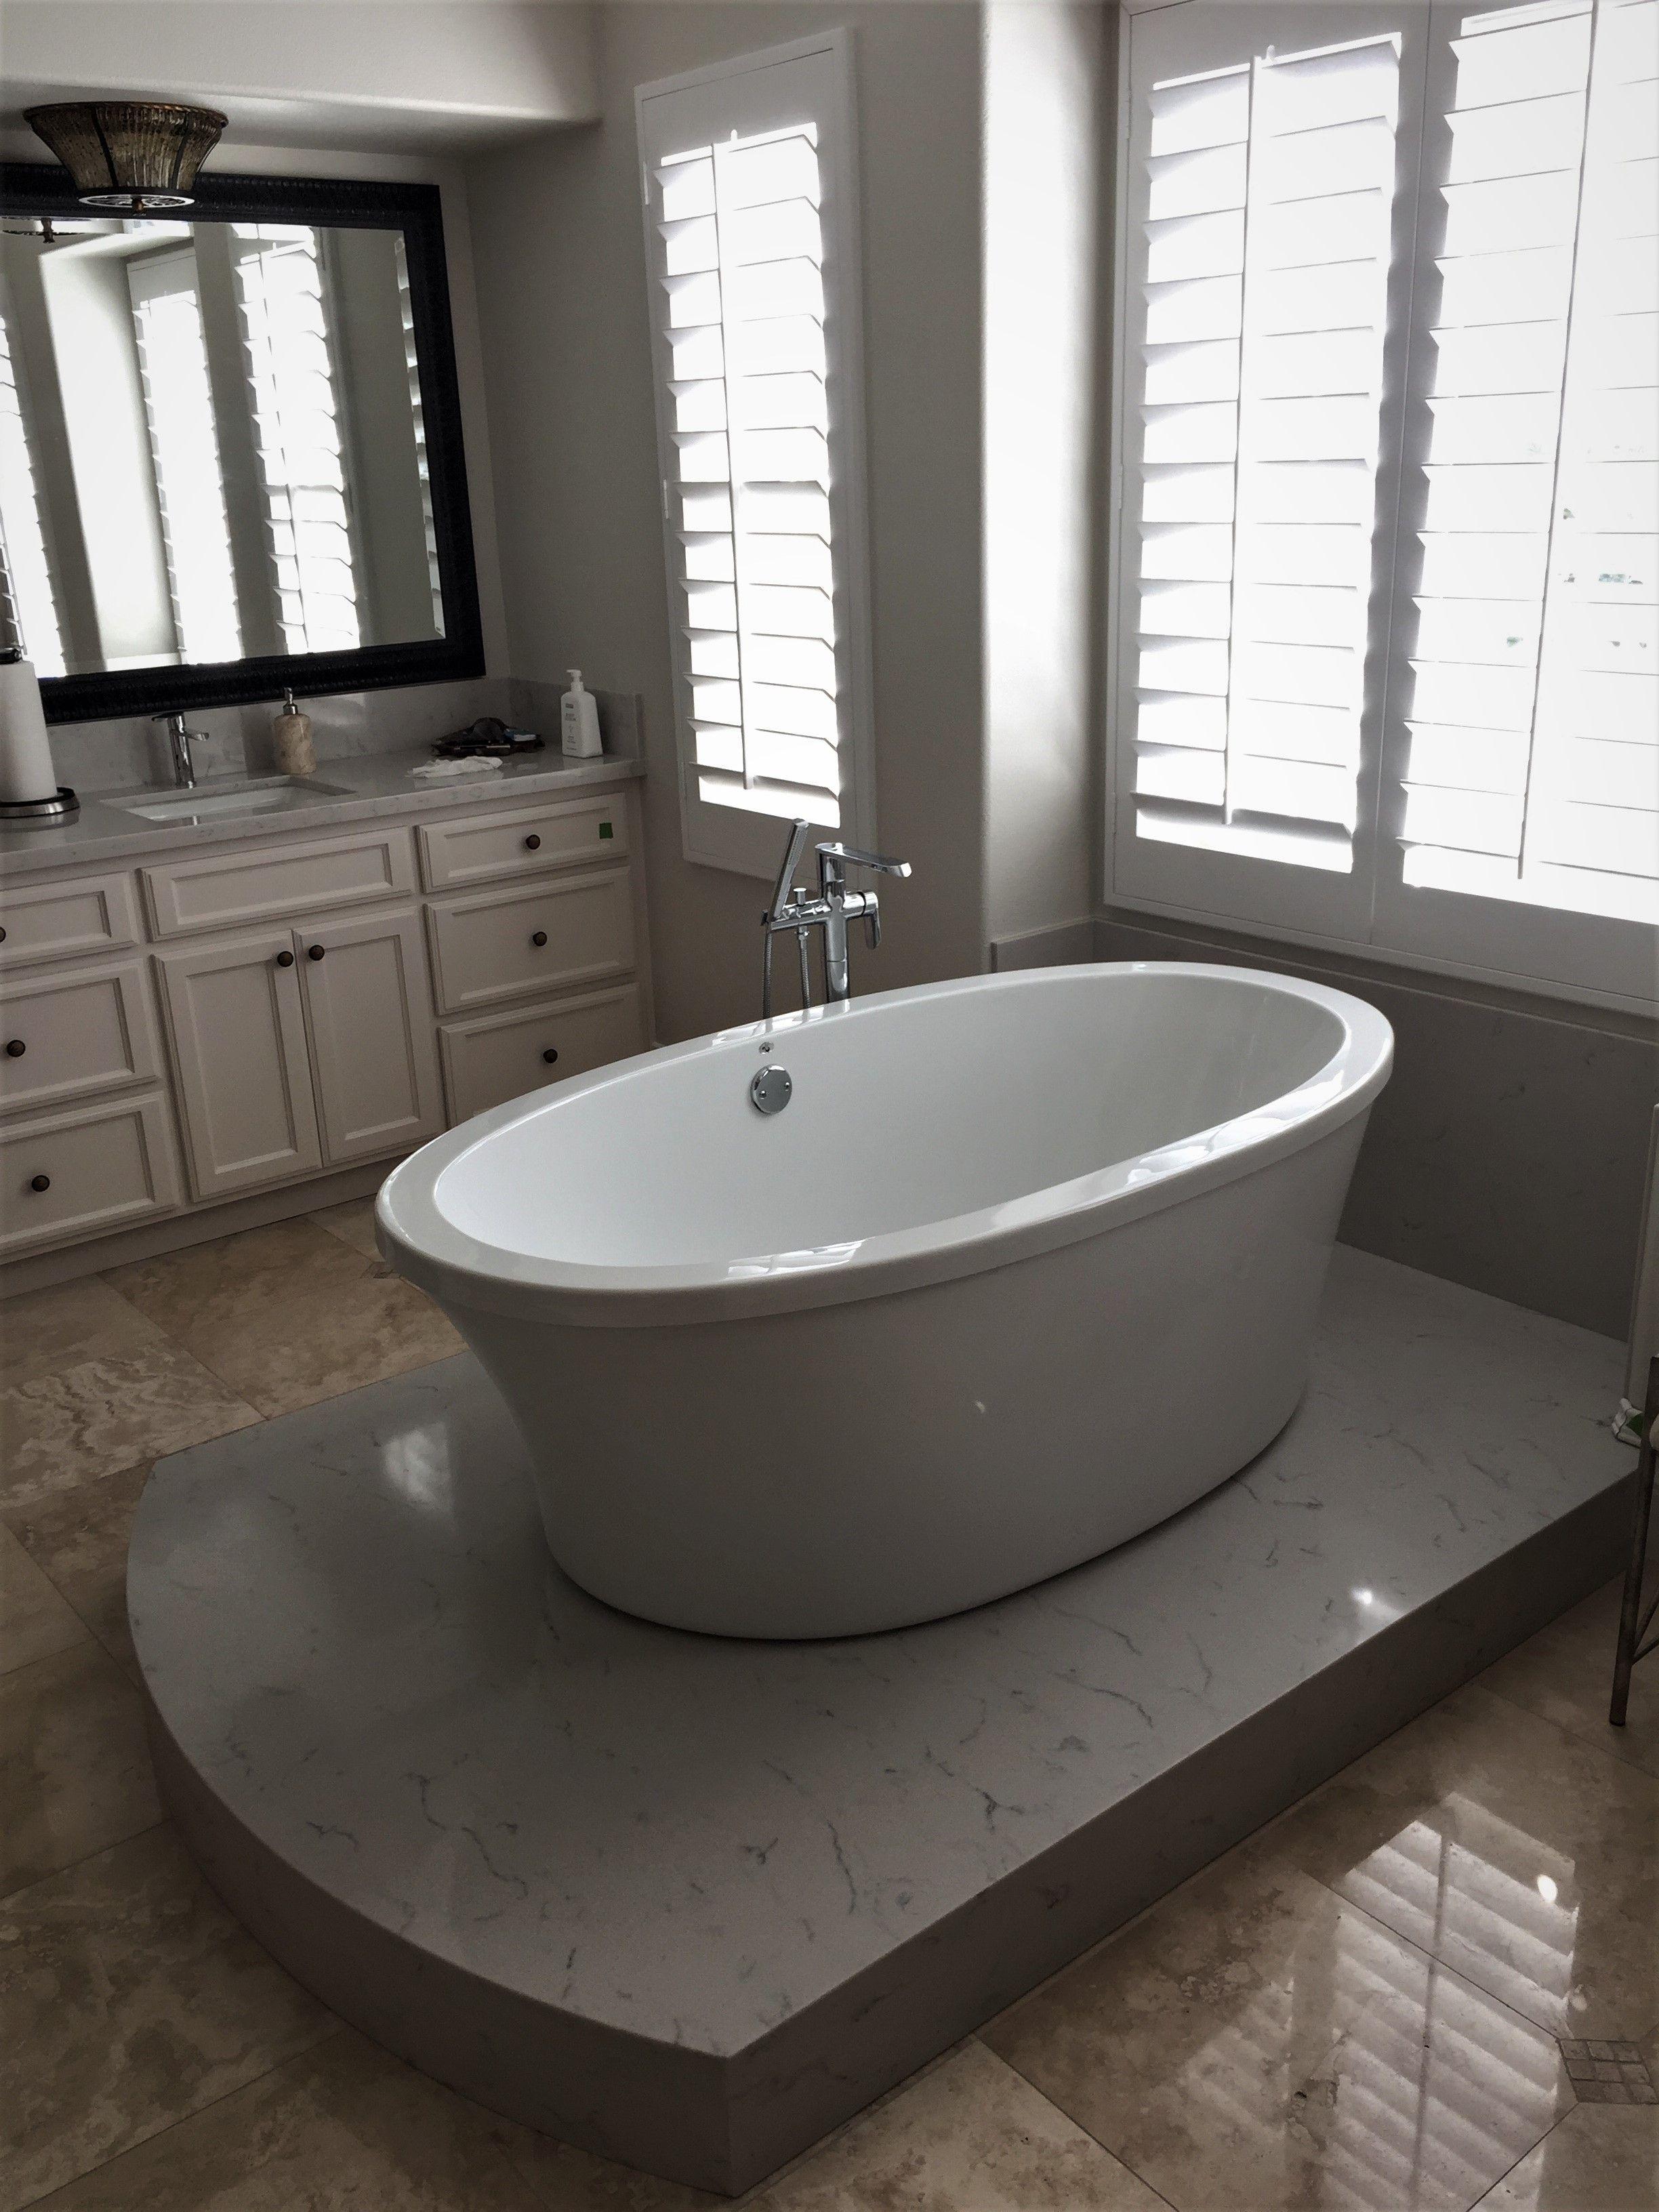 Pin By Morena Tile And Stone On Bathroom Tubs Bathroom Tub